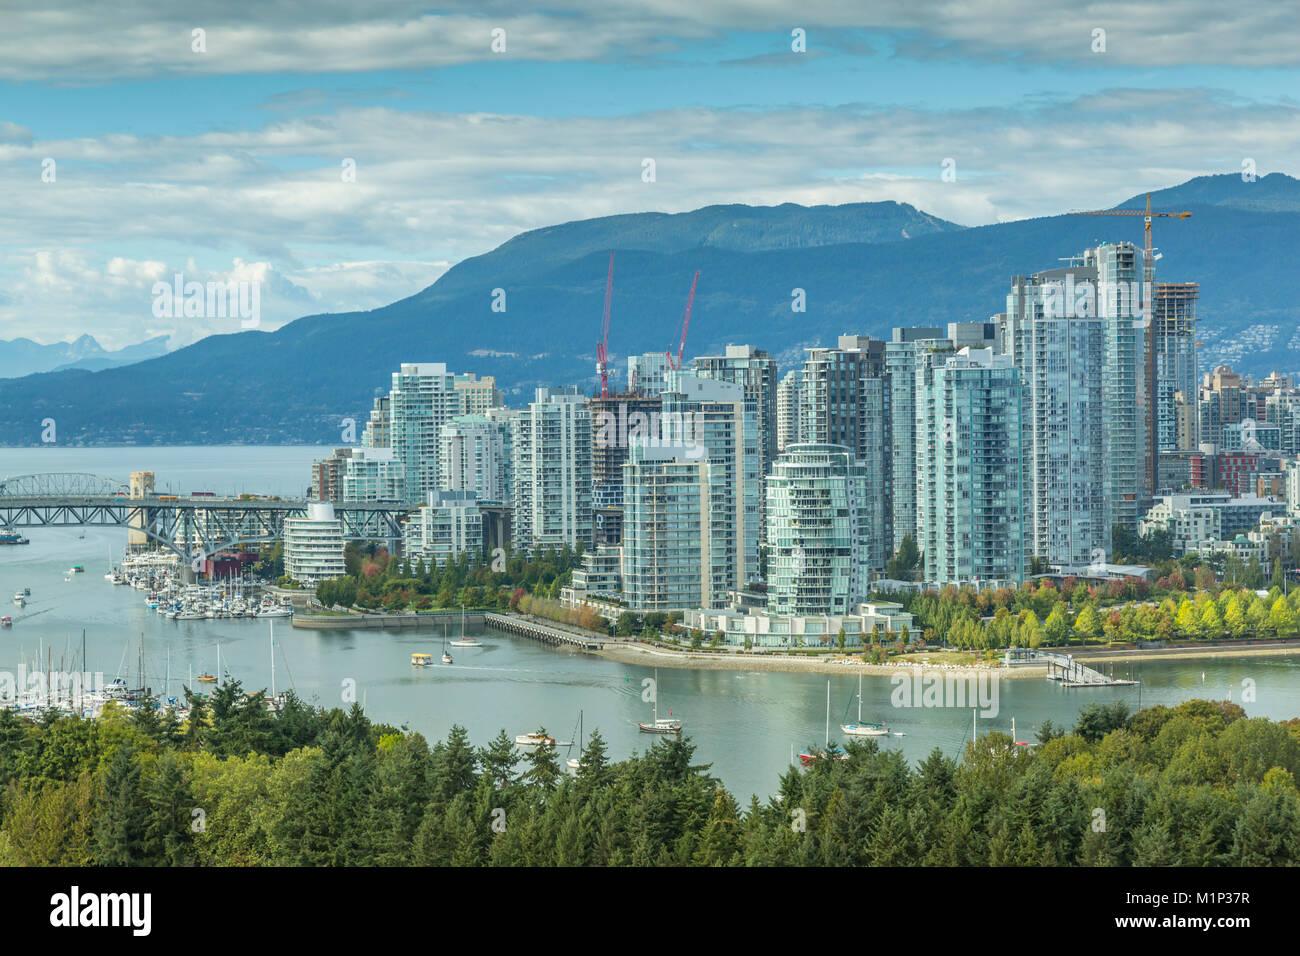 Vista sullo skyline di Vancouver come visto dal distretto di Mount Pleasant, Vancouver, British Columbia, Canada, Immagini Stock